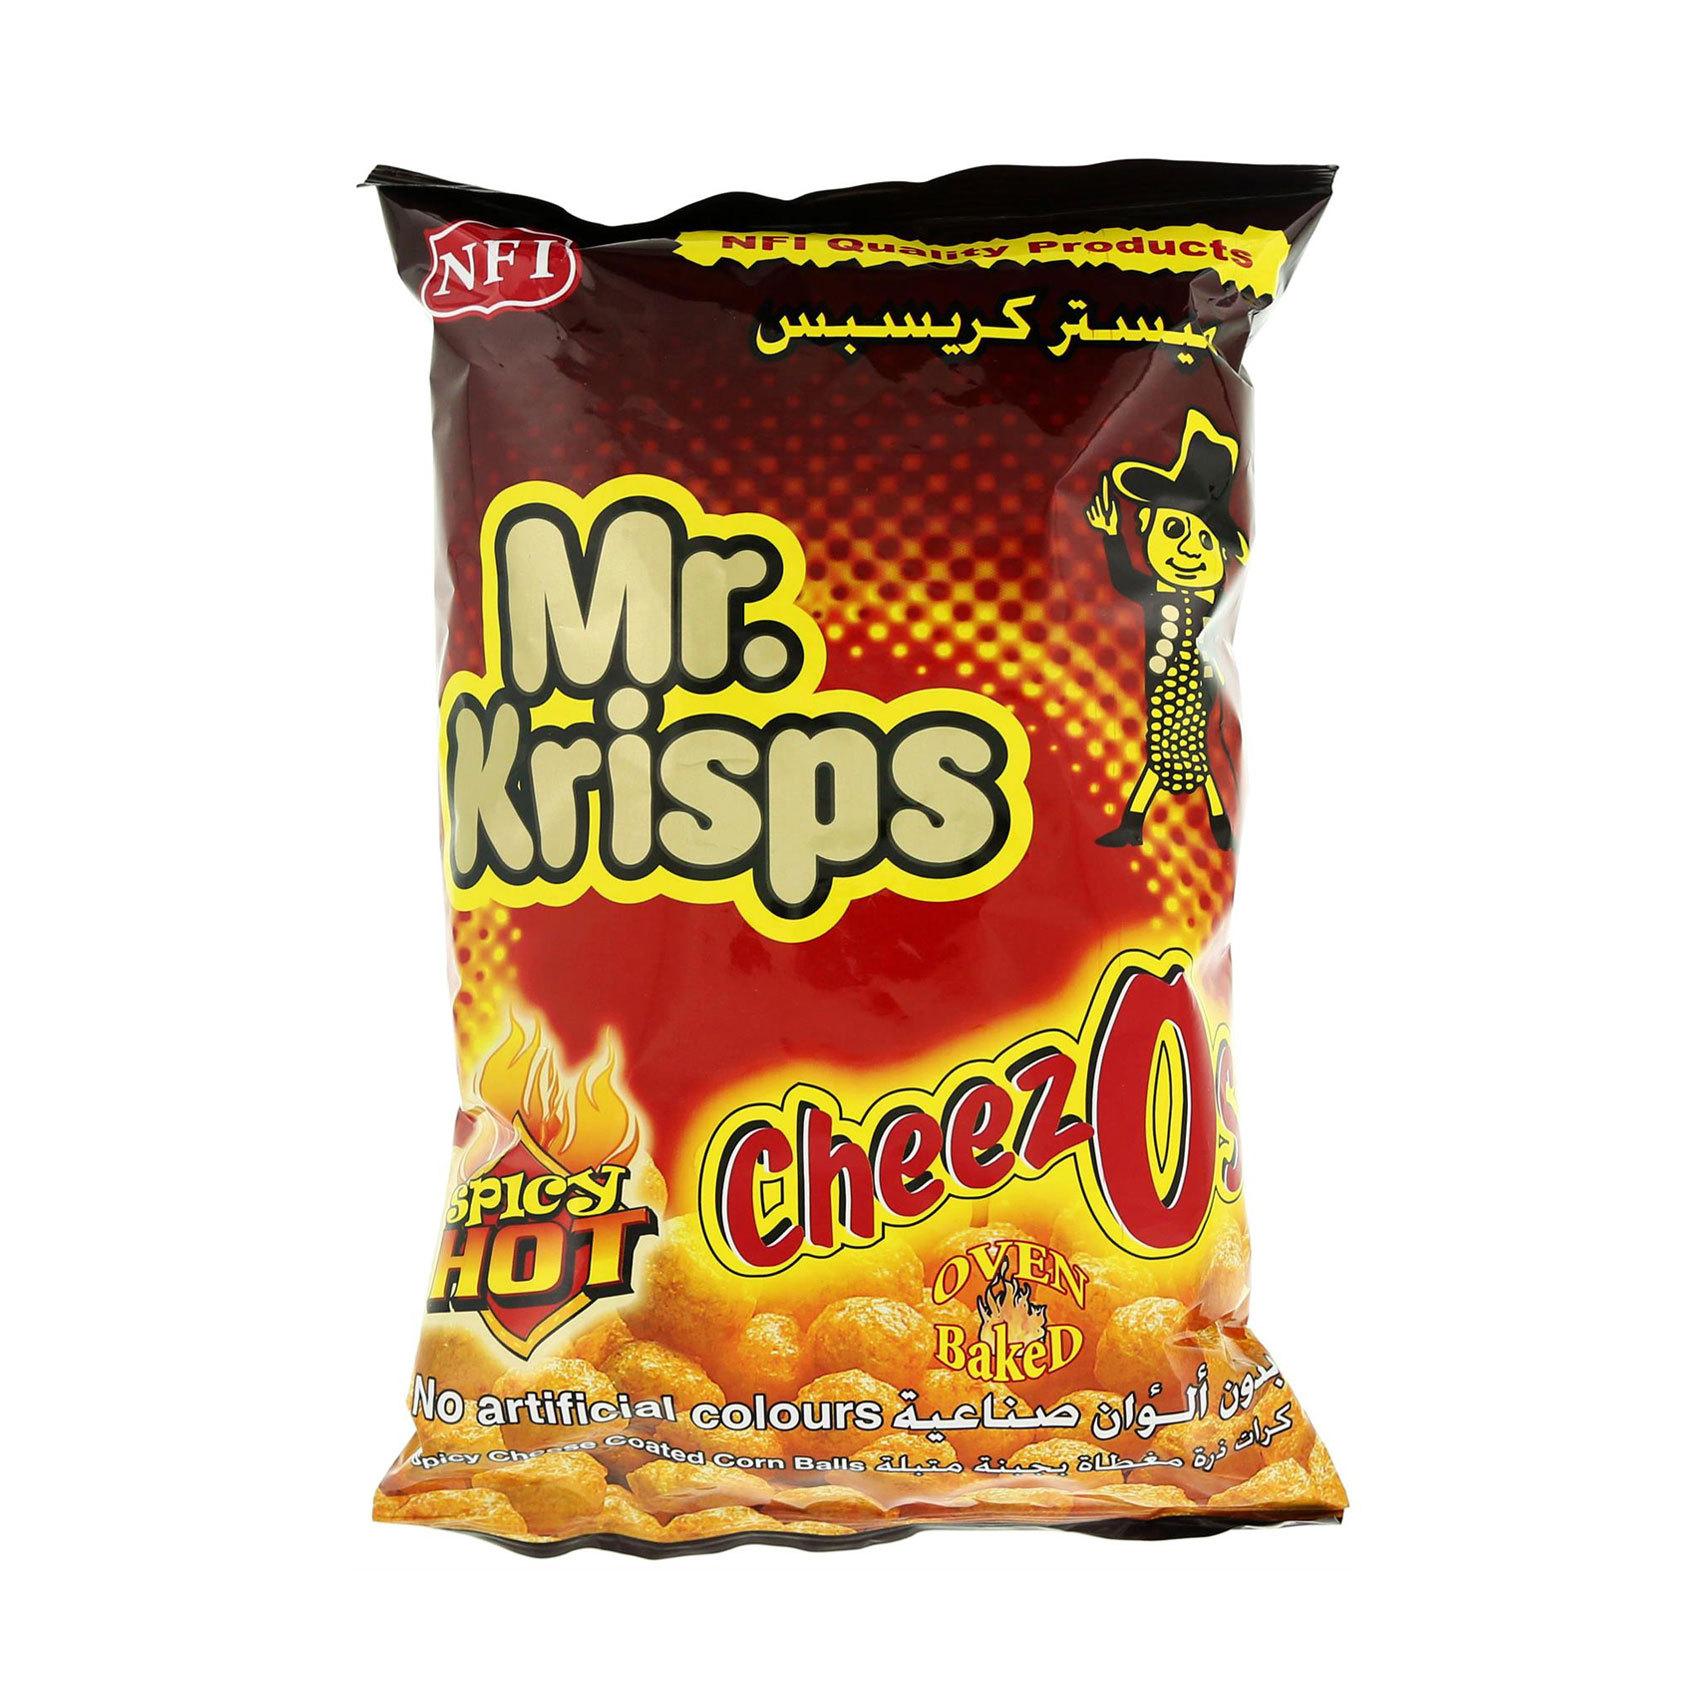 MR. KRISPS CHEEZOS (SPICY HOT)